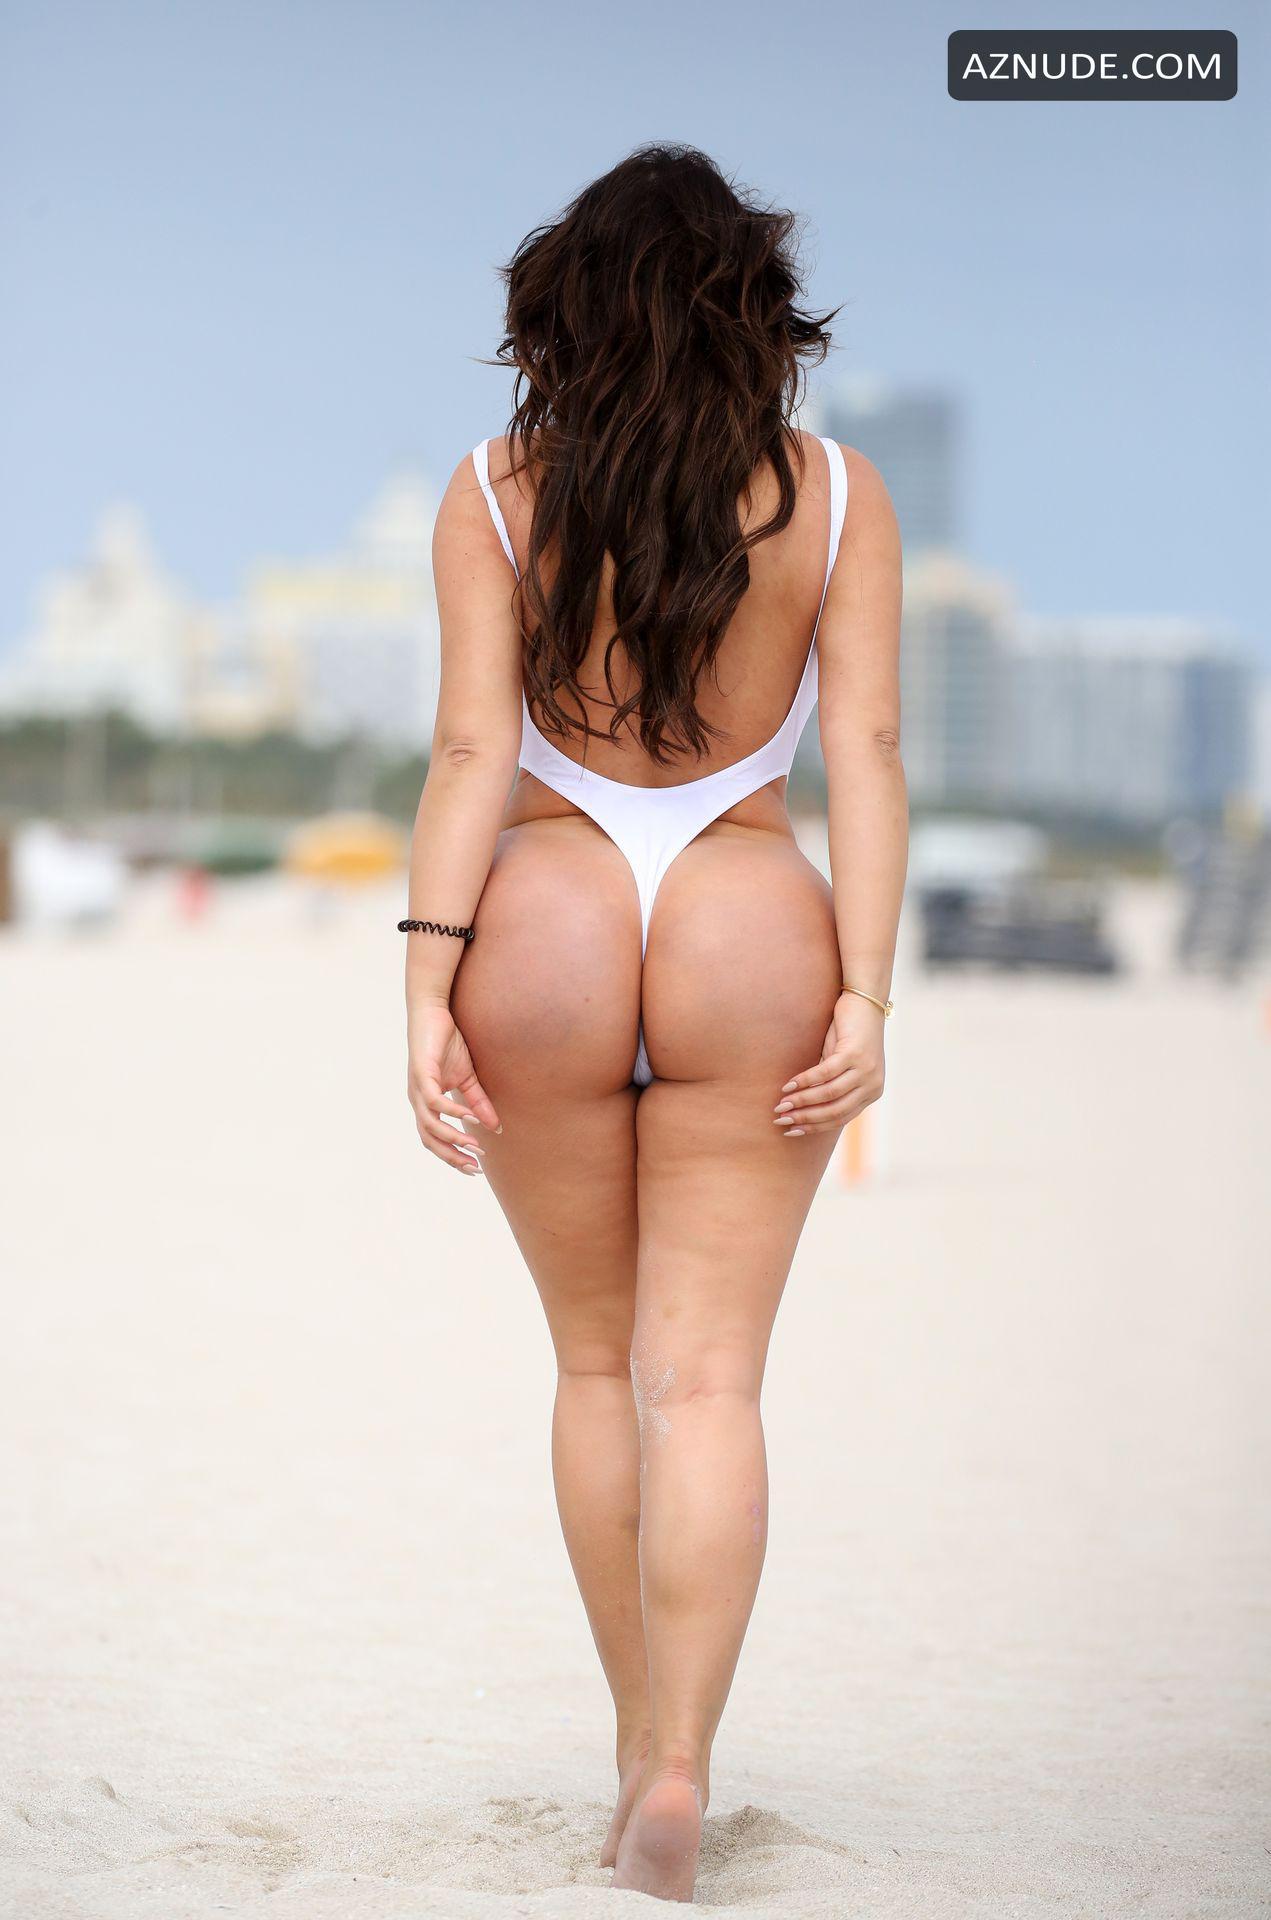 Anastasia Kvitko Nude anastasia kvitko sexy in a high cut white swimsuit on the